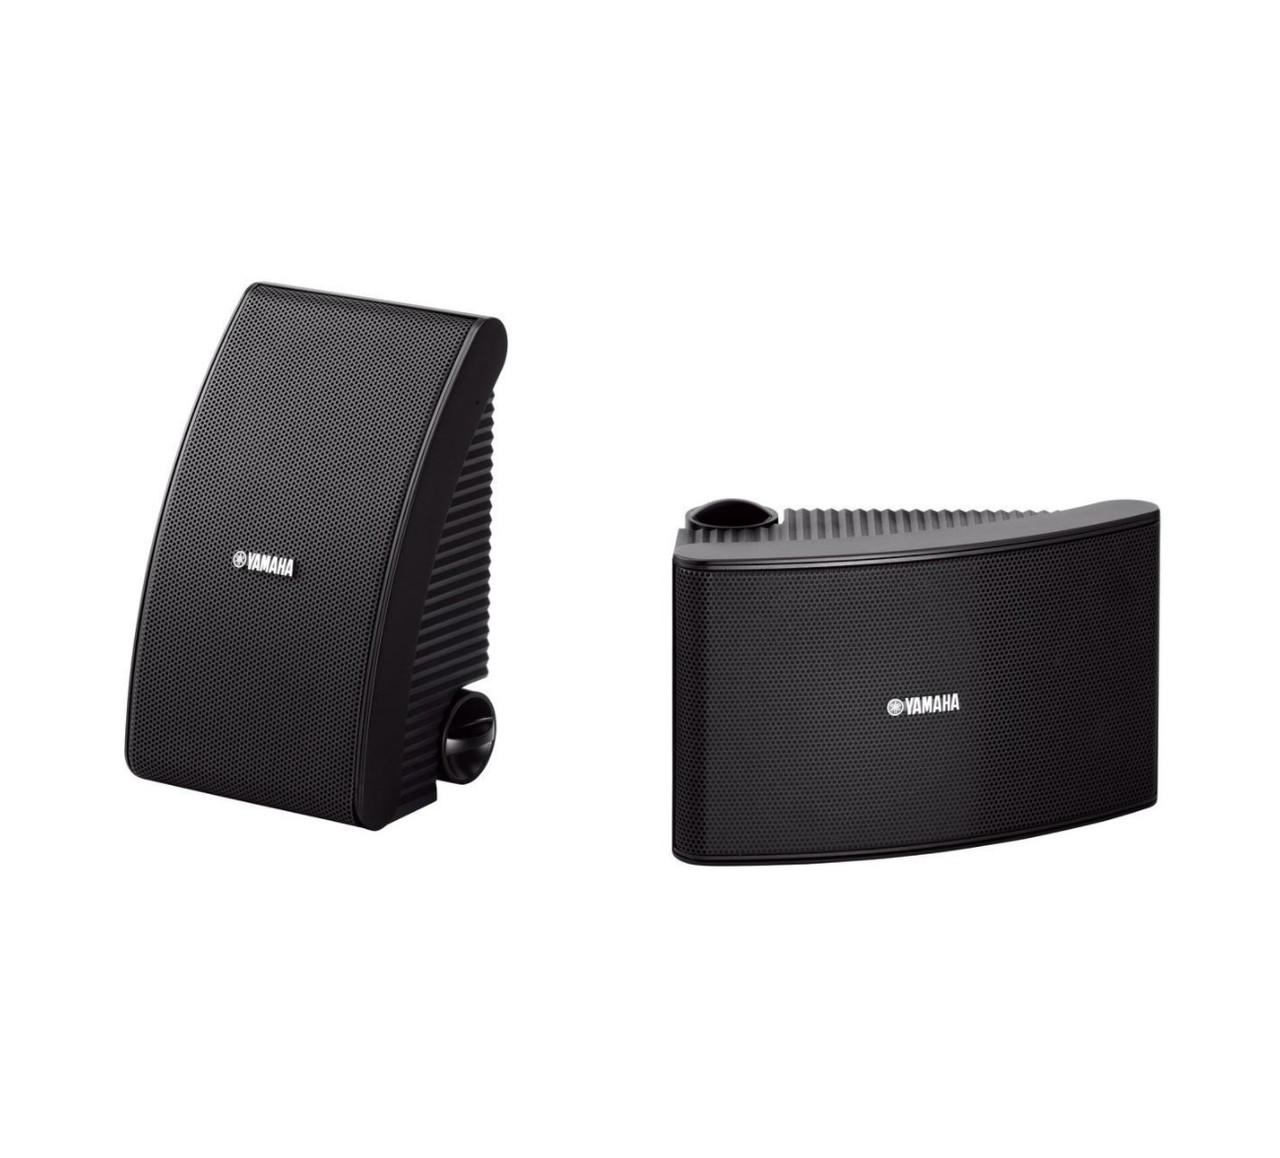 Yamaha NS-AW392 Caixa acústica externa para ar livre - Par - Preto